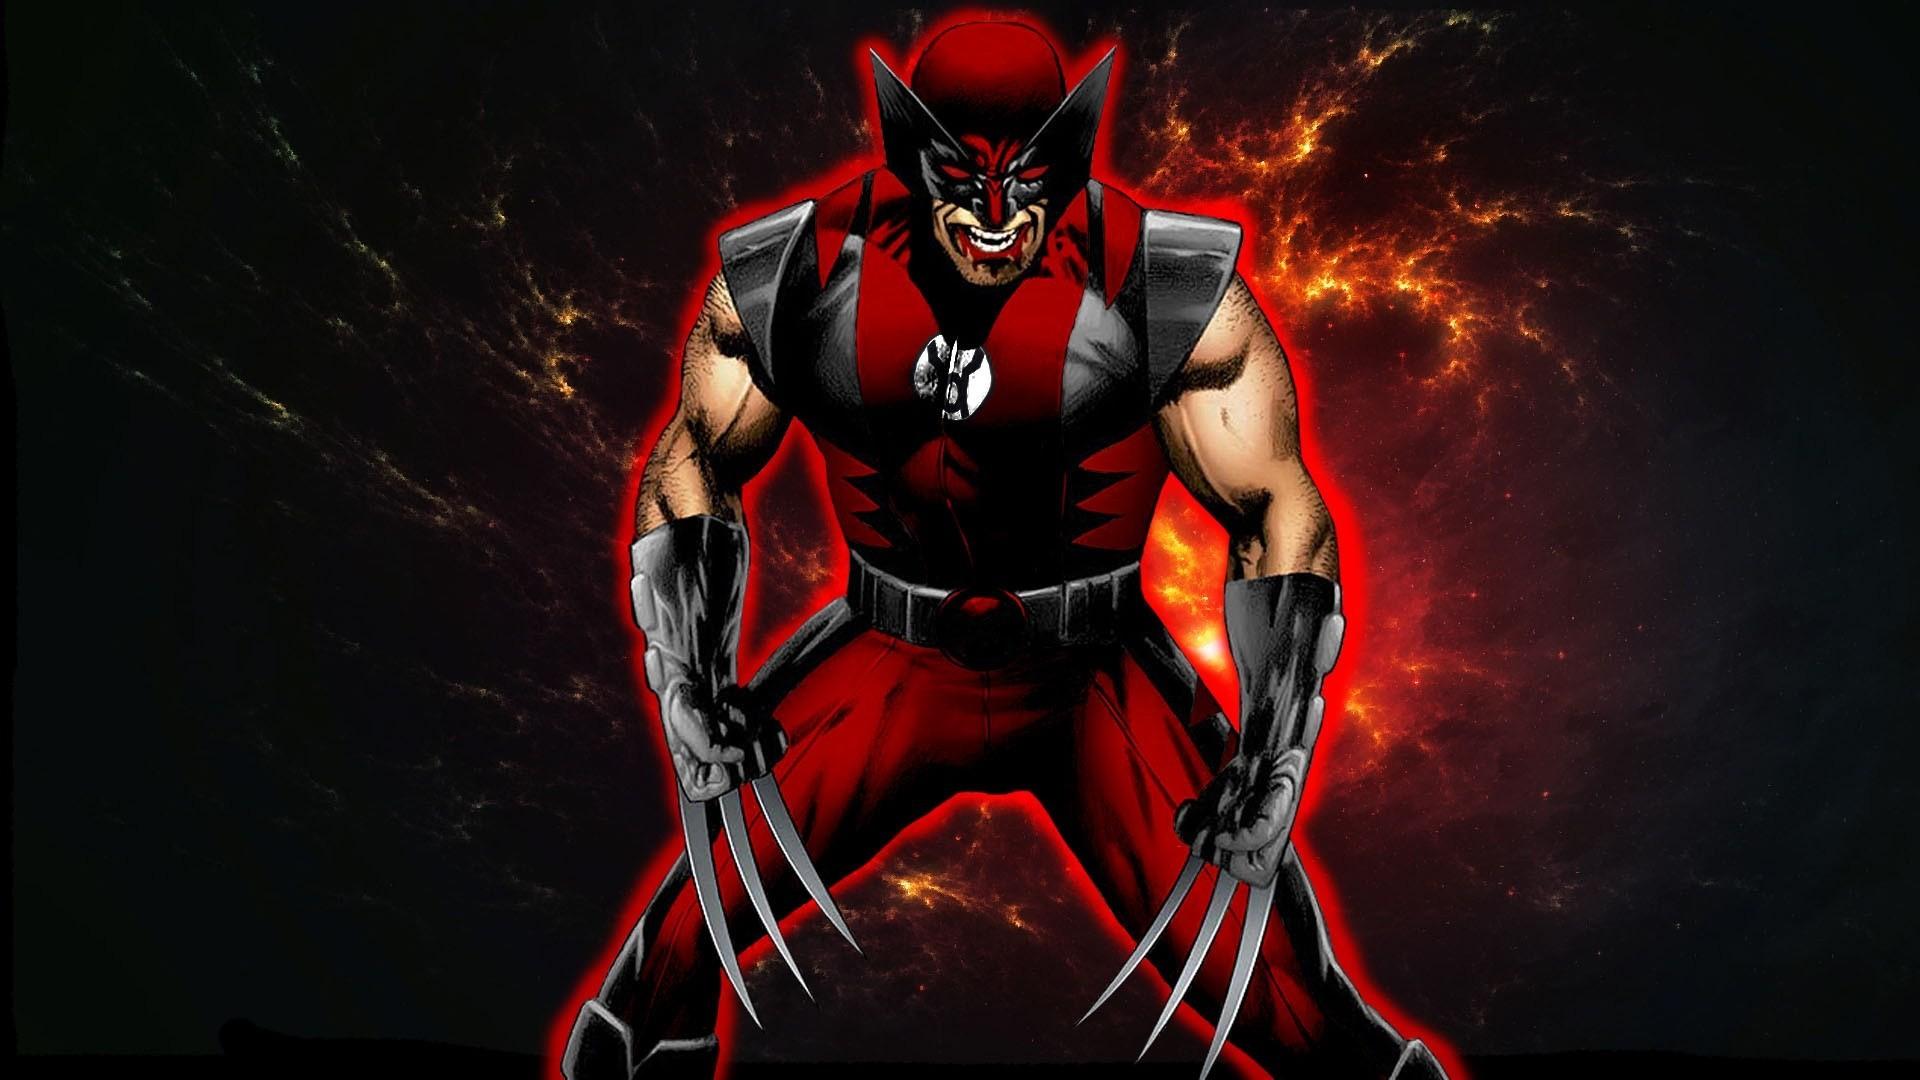 Res: 1920x1080, Red Lantern Wolverine Vs Yellow Lantern Batman Whowouldwin